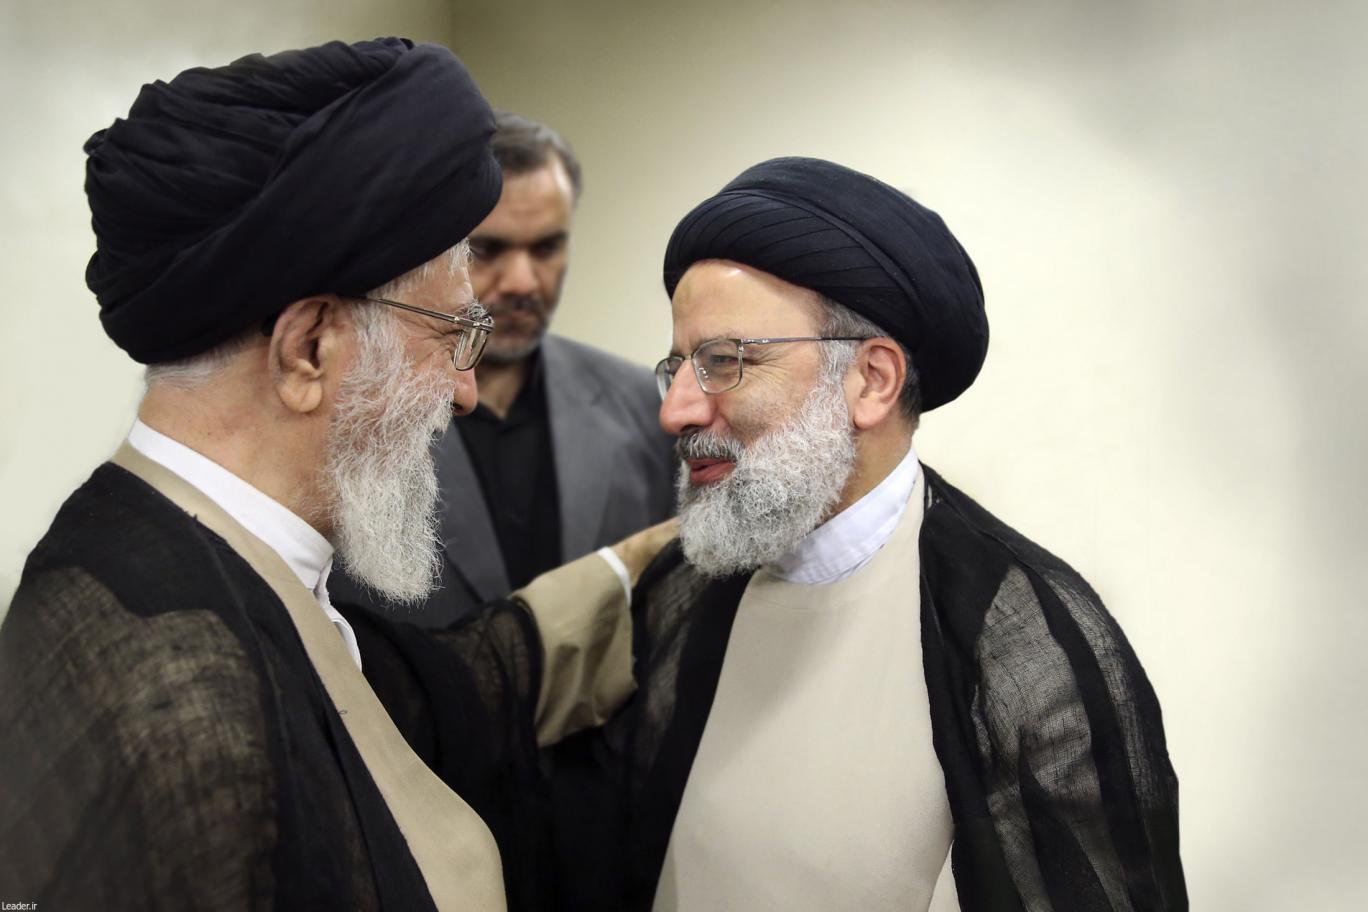 اعدام؛ شیوه محبوب علی خامنهای برای «نسقکشی»